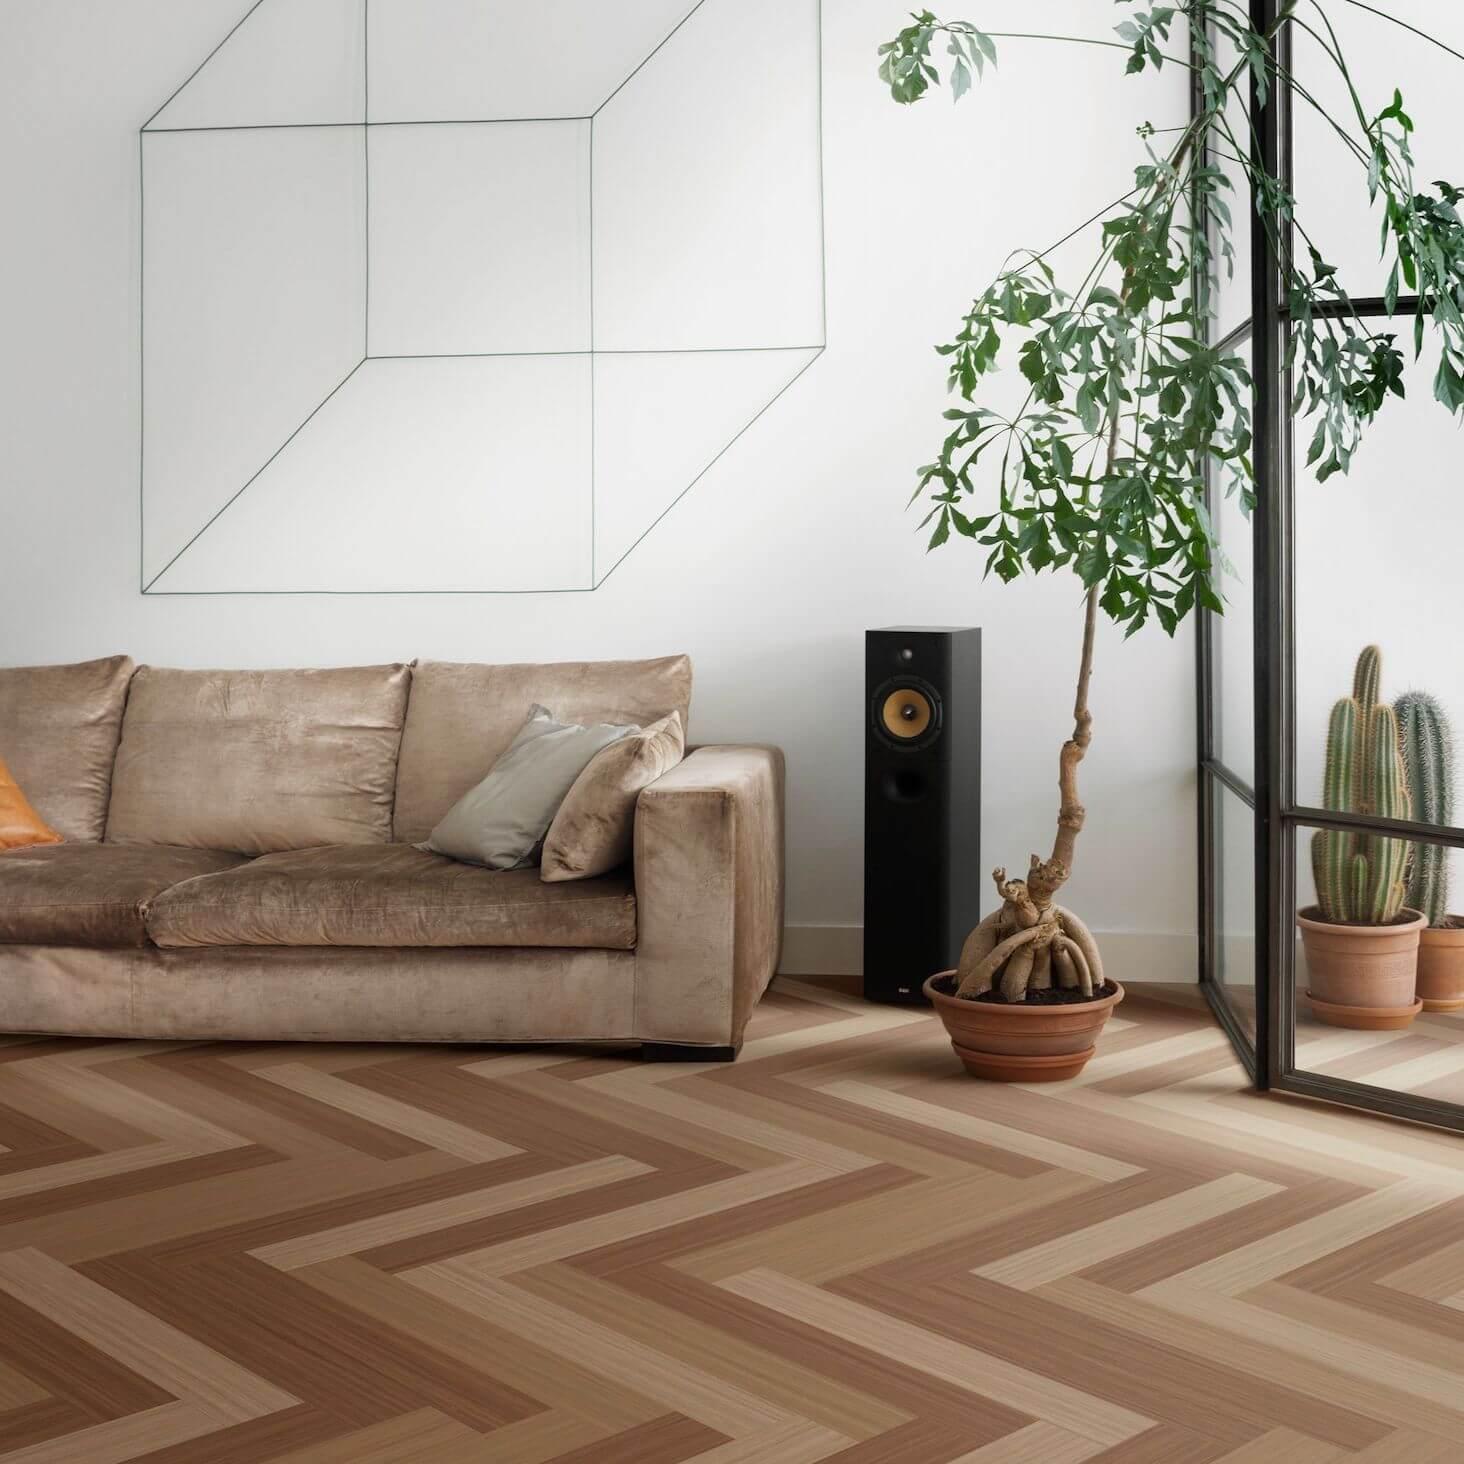 Wohnzimmer mit Linoleum Fußbodenbelag